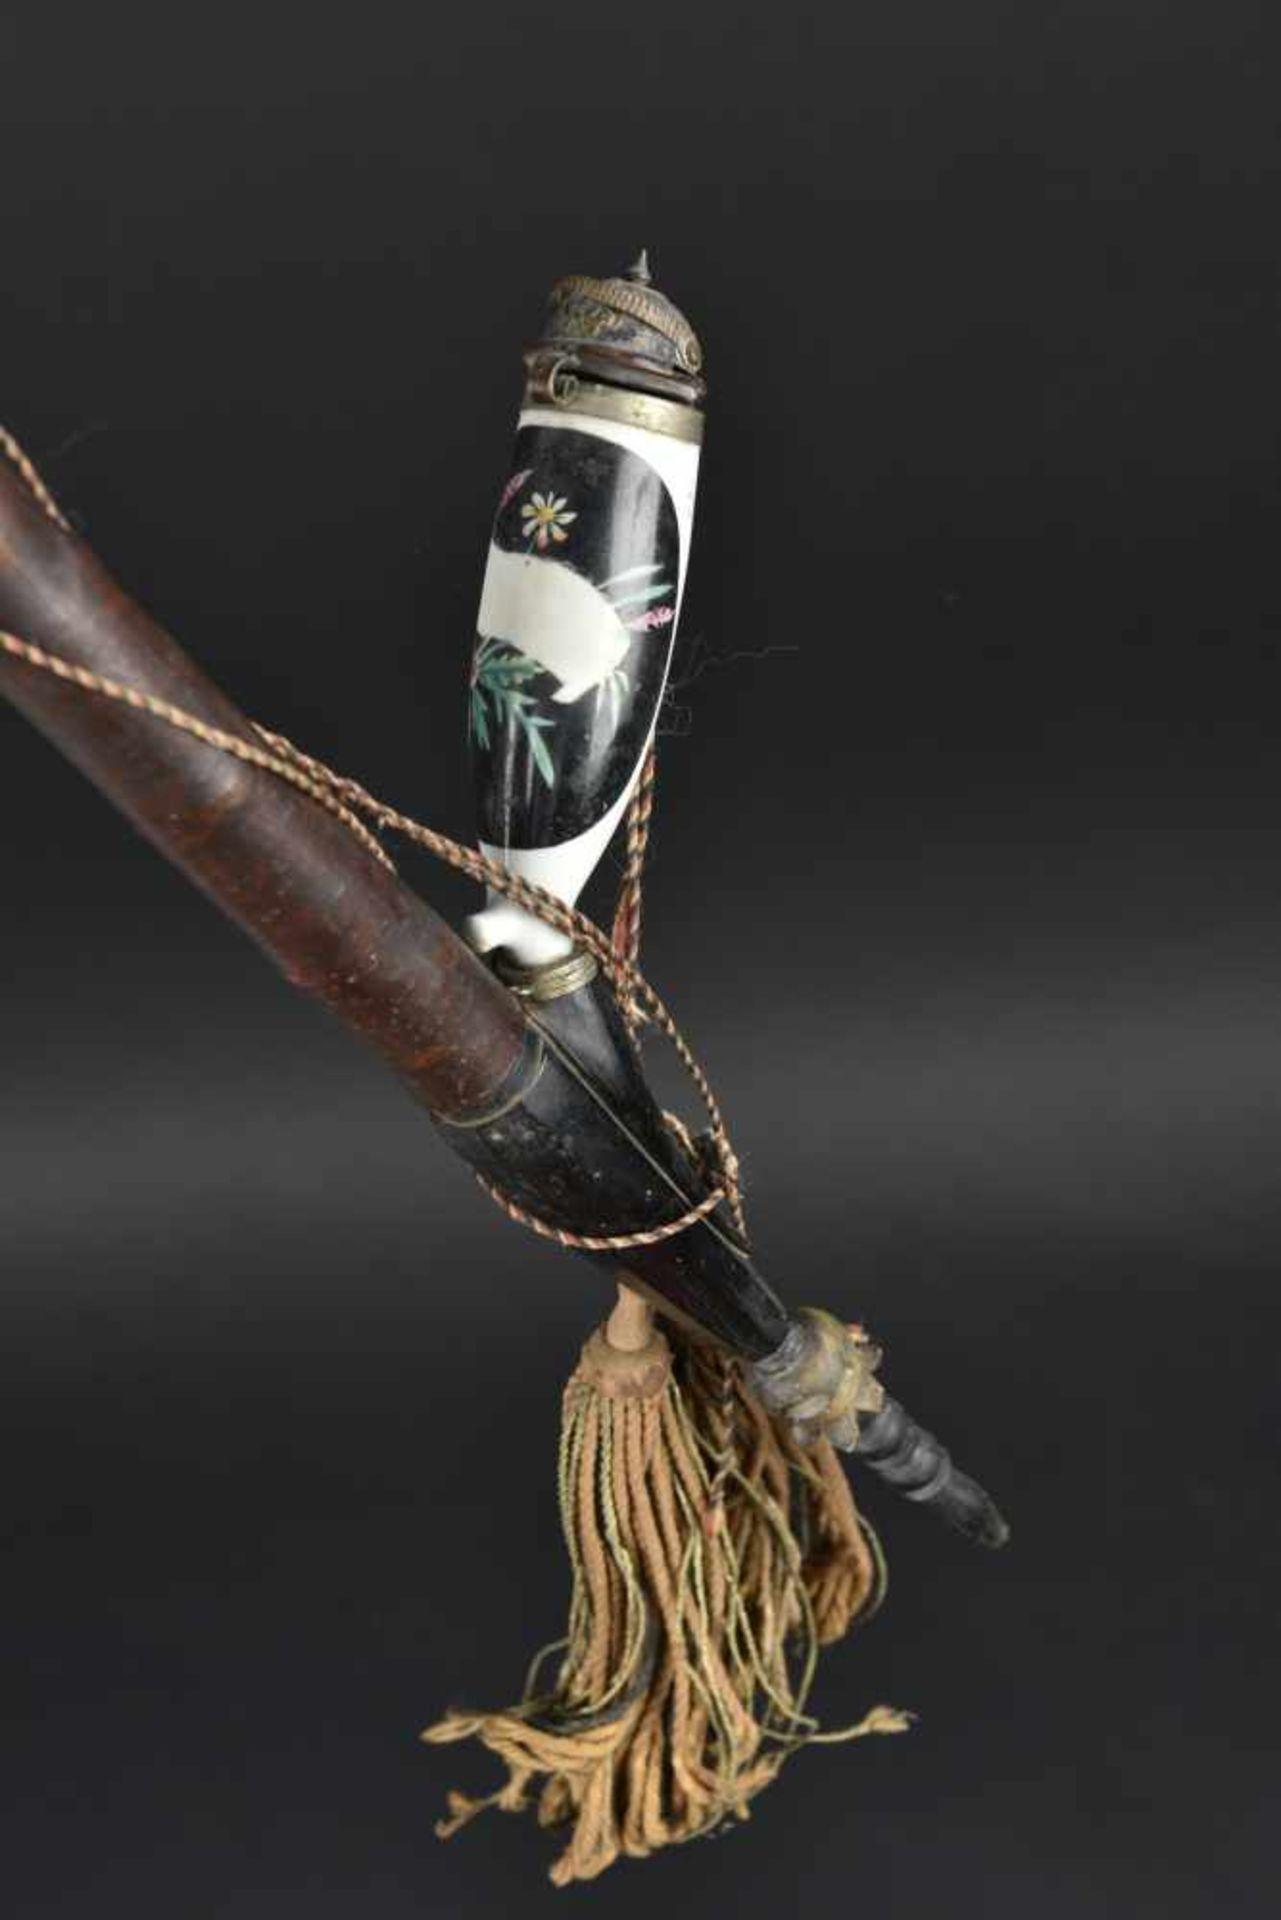 Pipe de réserviste En bois et bois de cerf. Très peu décorée. Cartouches neutralisés décorant une - Bild 3 aus 4